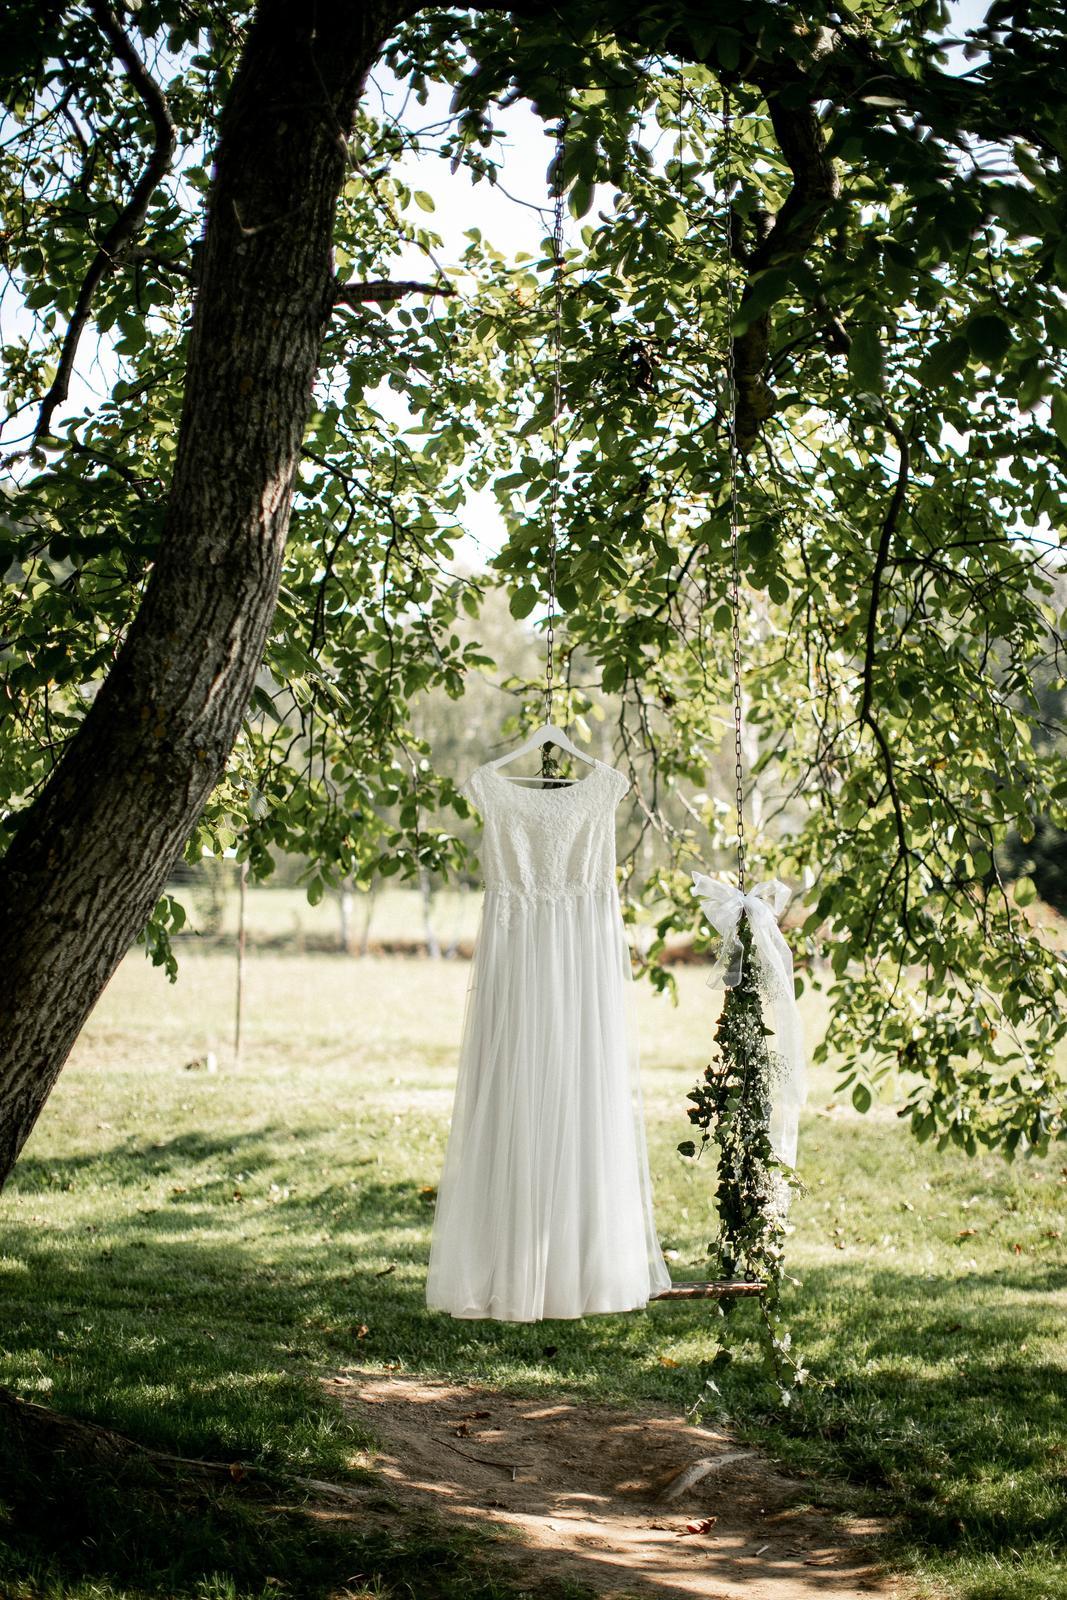 Svatební ivory šaty šité na míru - Obrázek č. 1